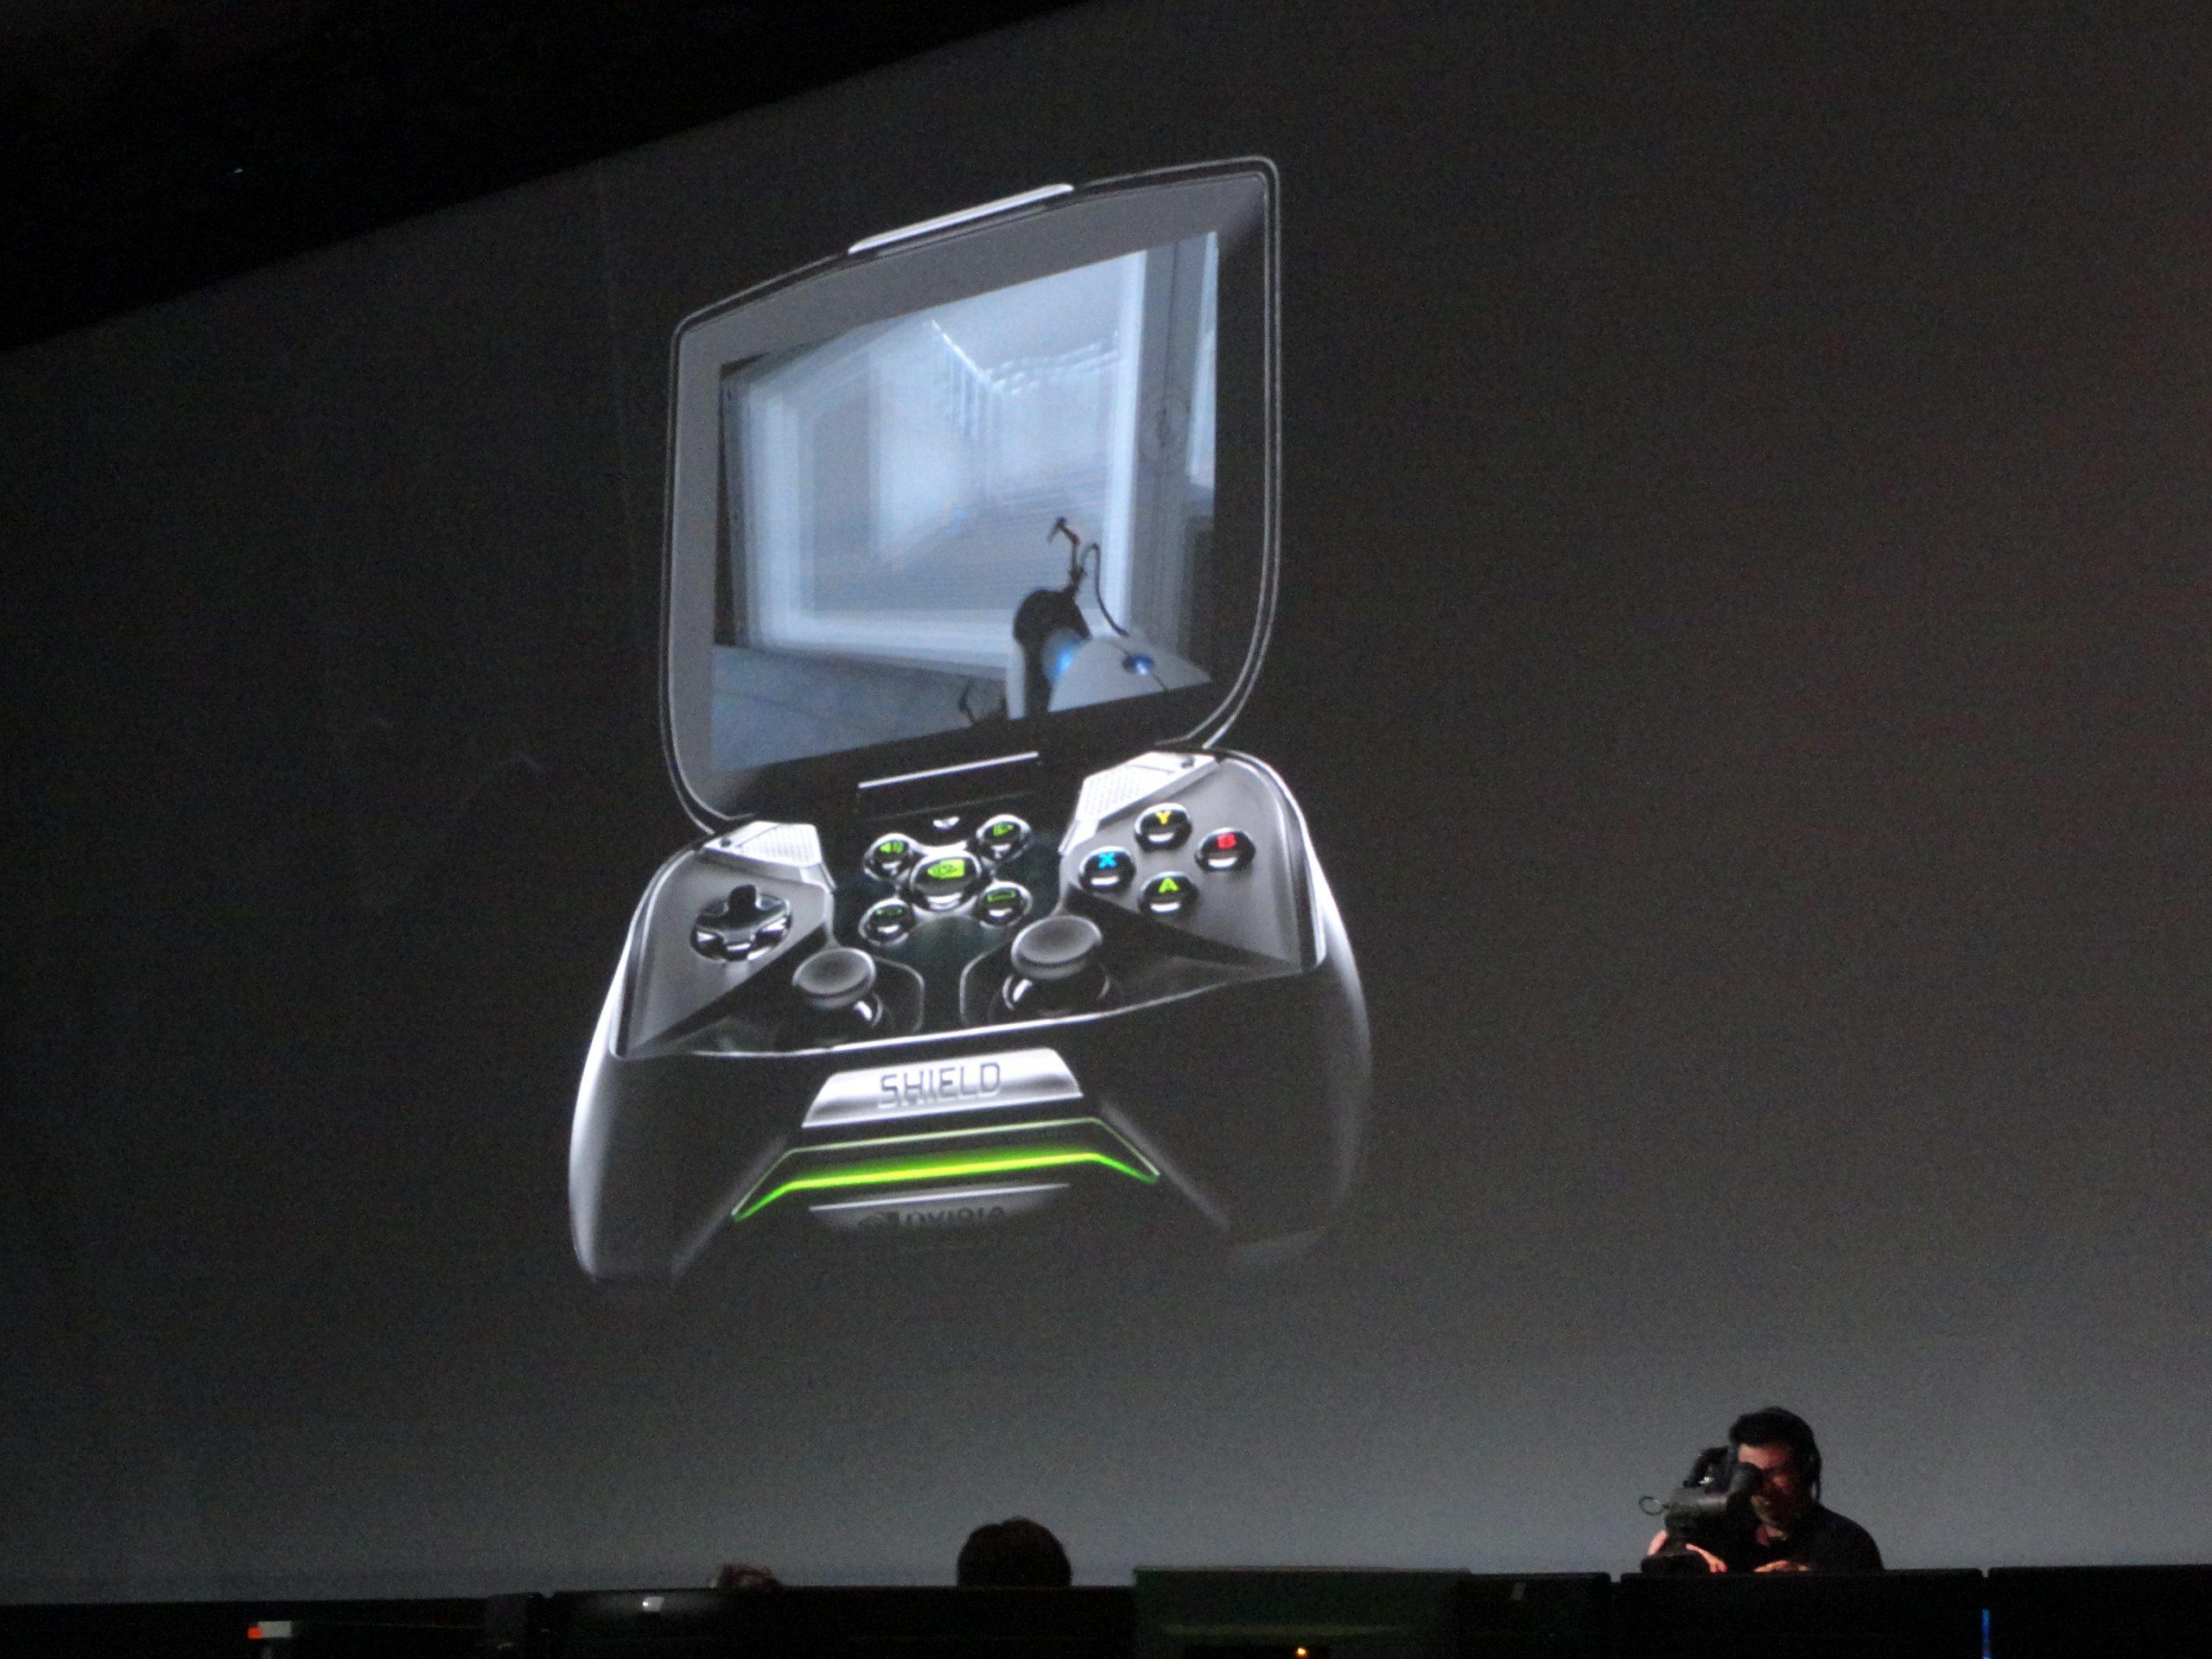 Valve Ports Portal To NVIDIA Shield Gaming Handheld